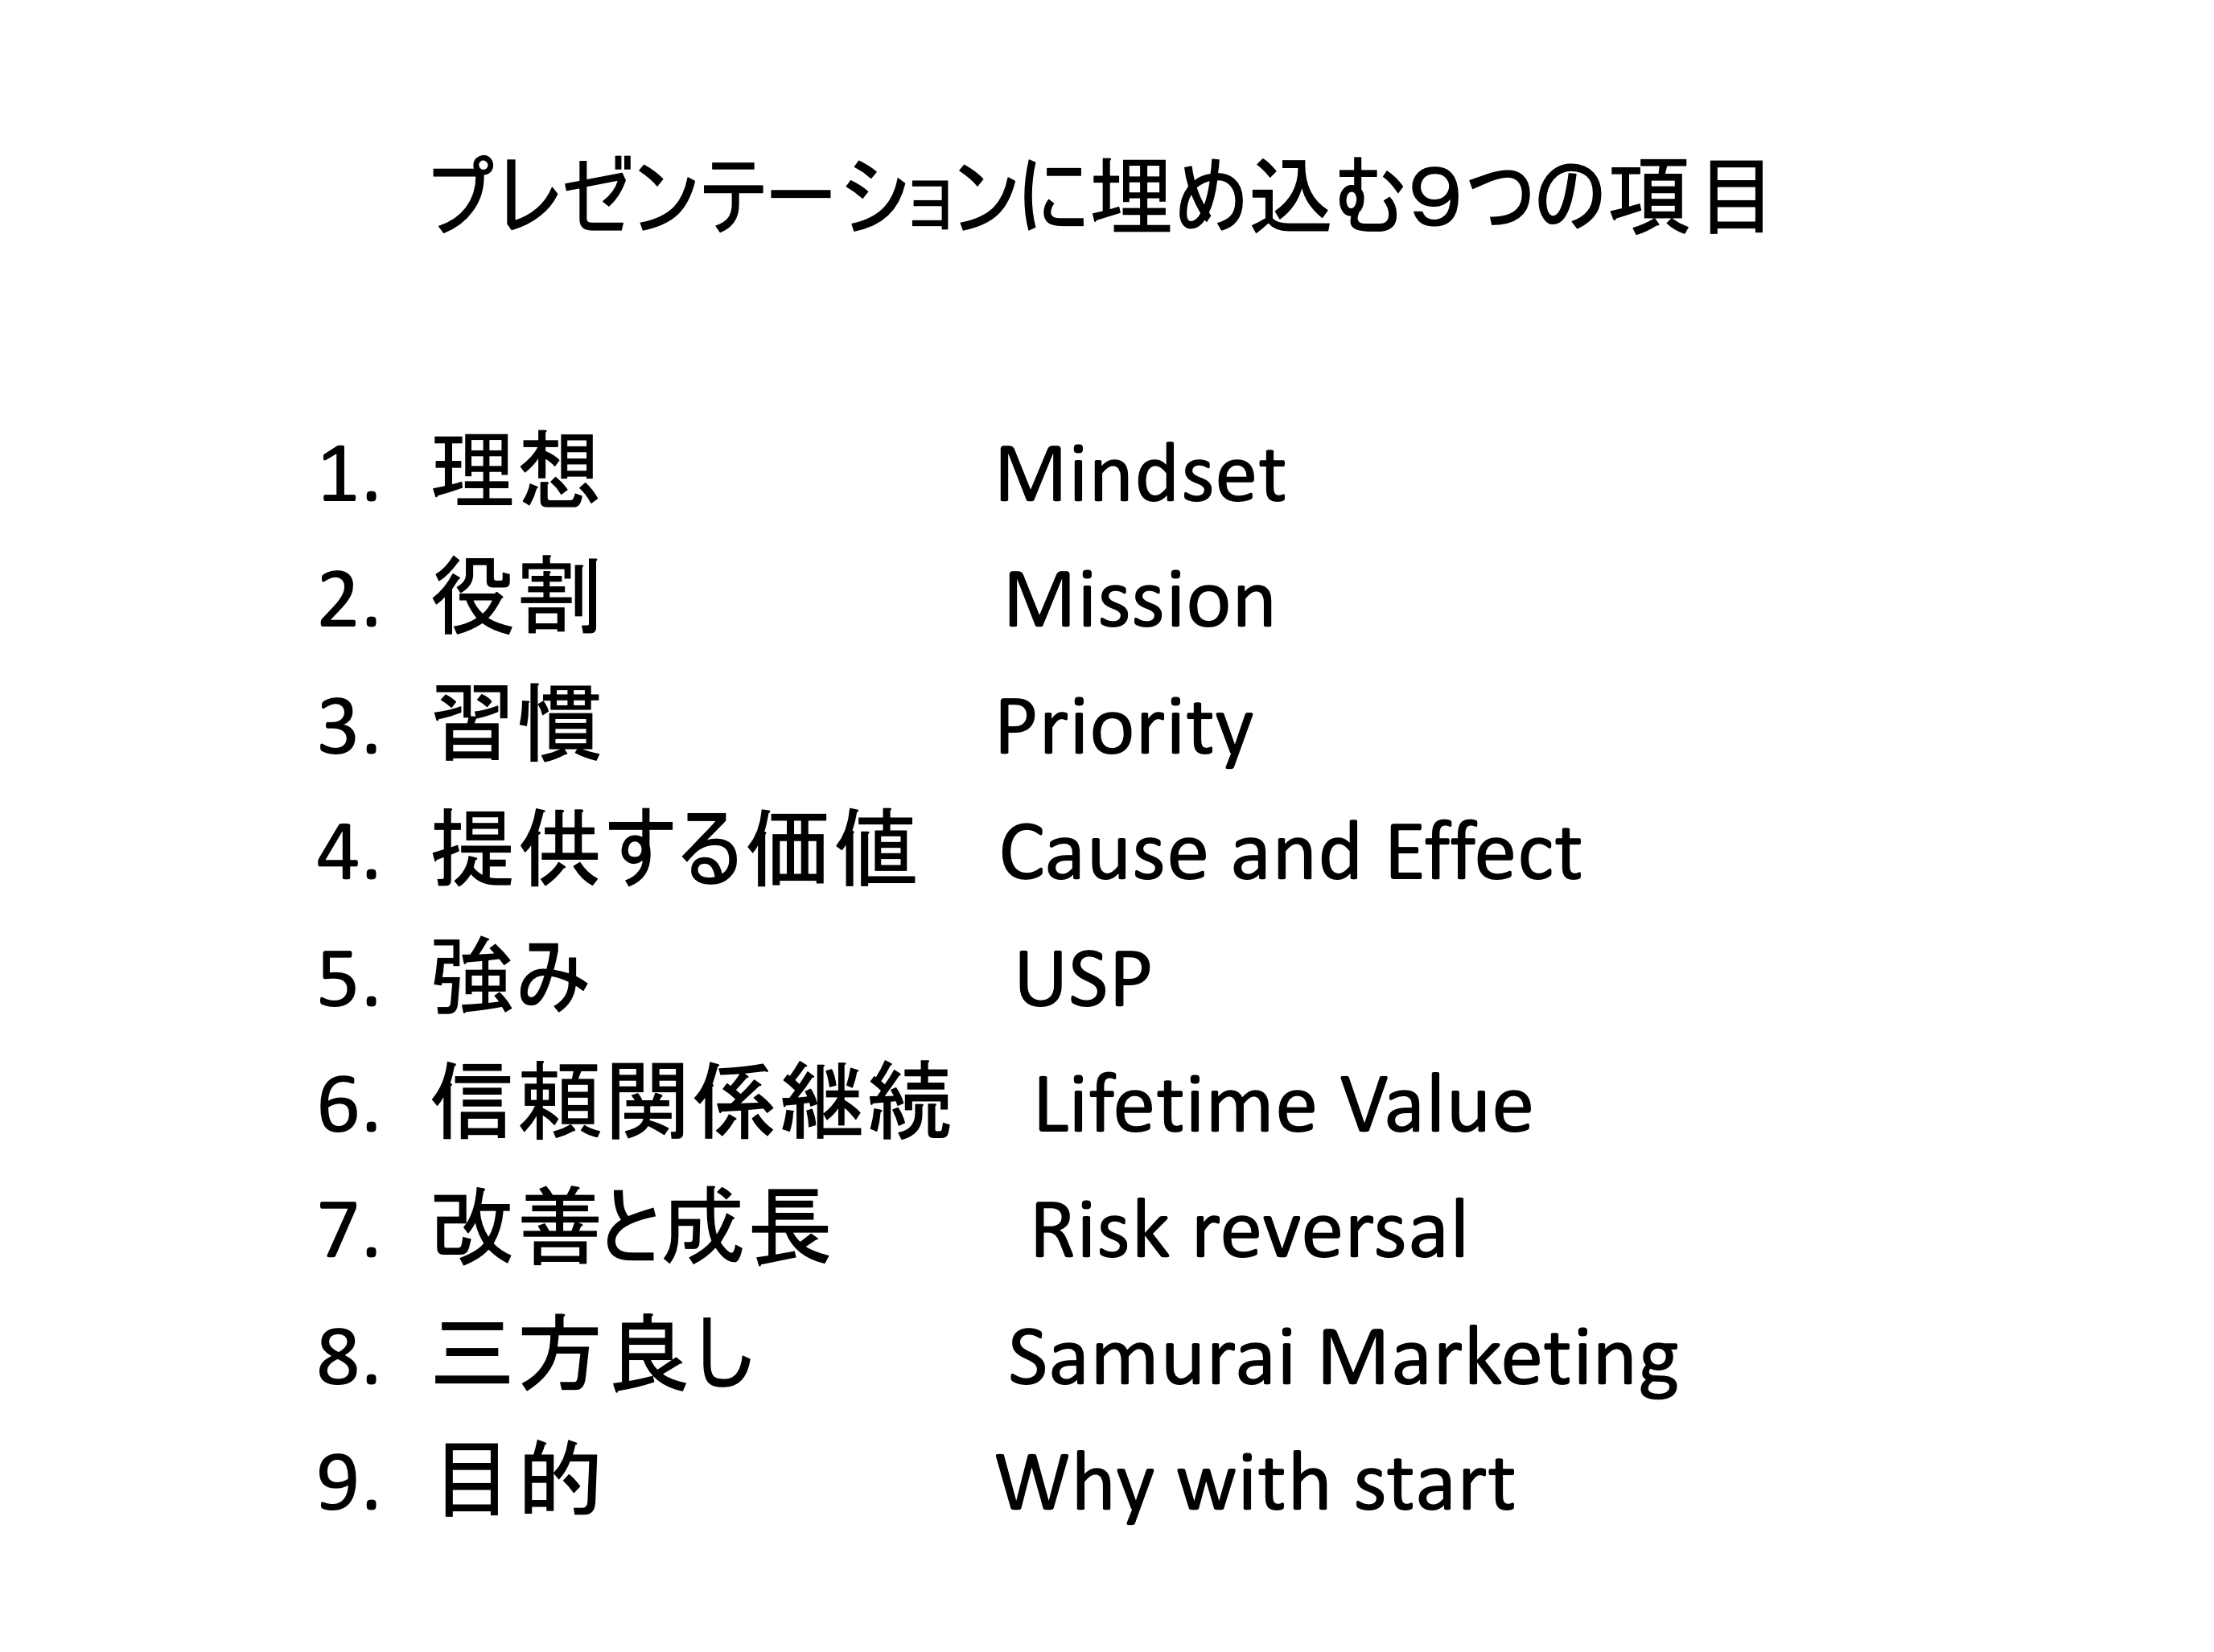 職人起業塾 9つのマーケティングコンセプト